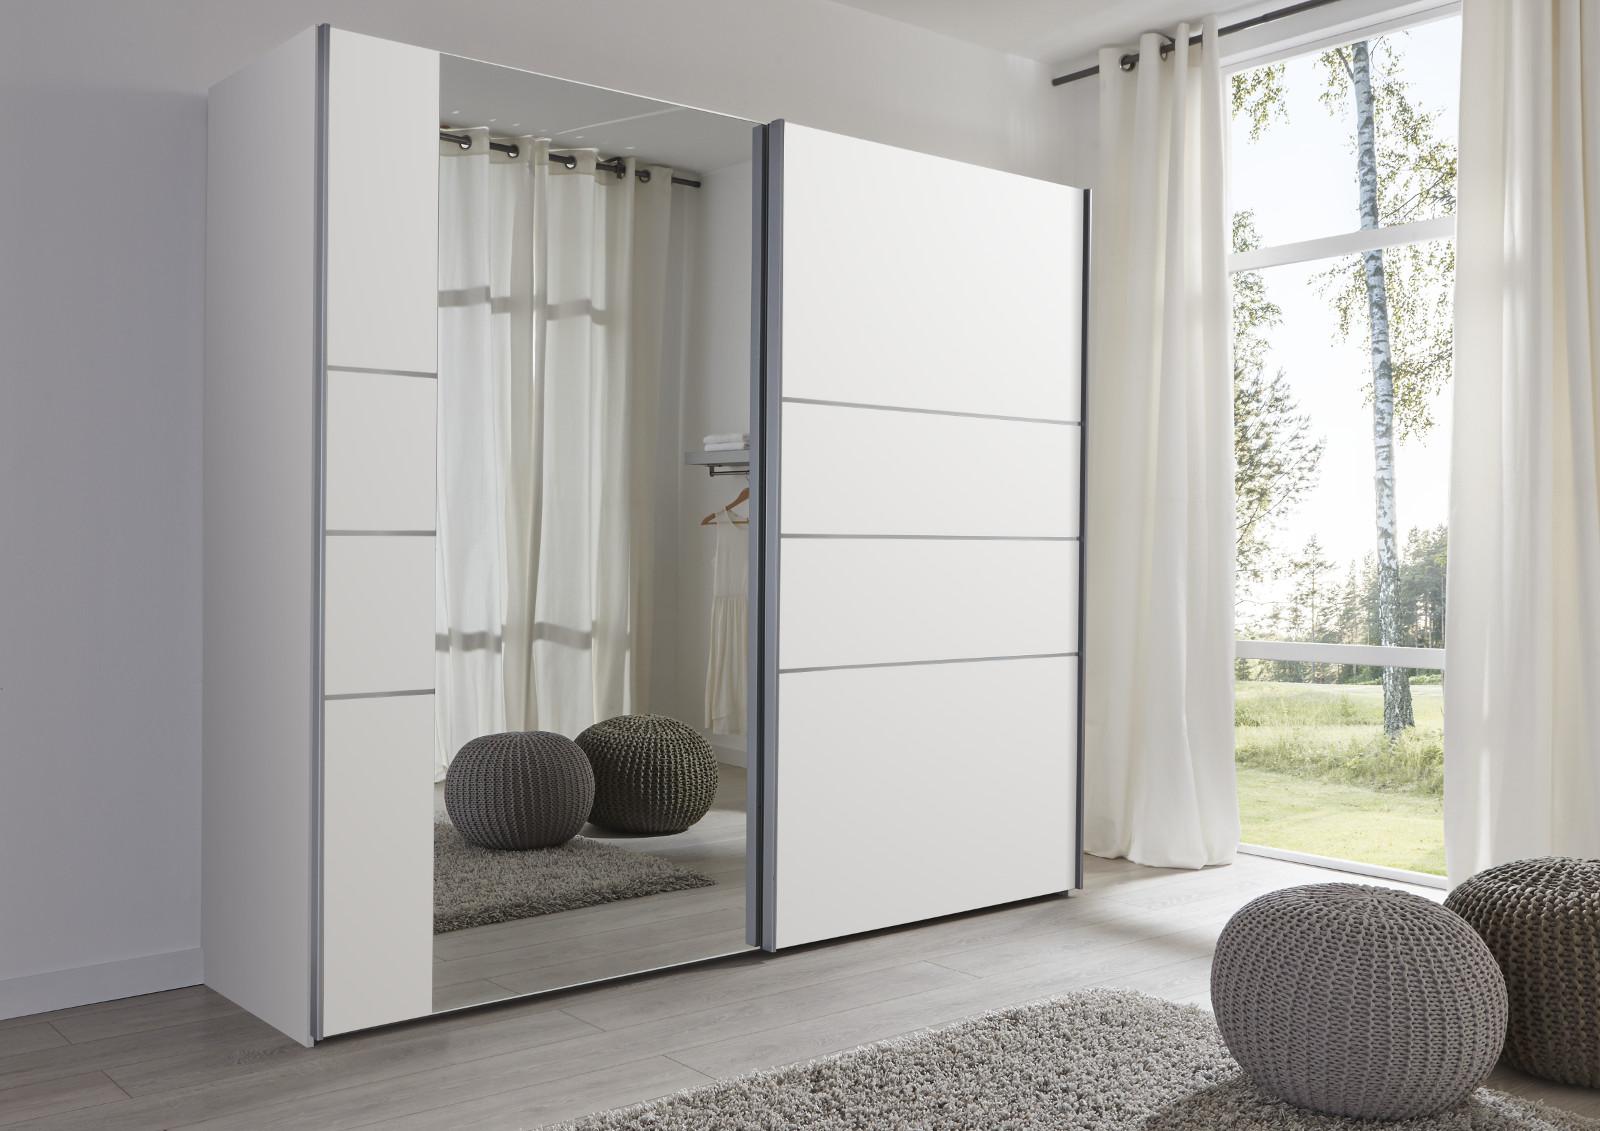 schwebet renschrank kleiderschrank wei spiegel. Black Bedroom Furniture Sets. Home Design Ideas